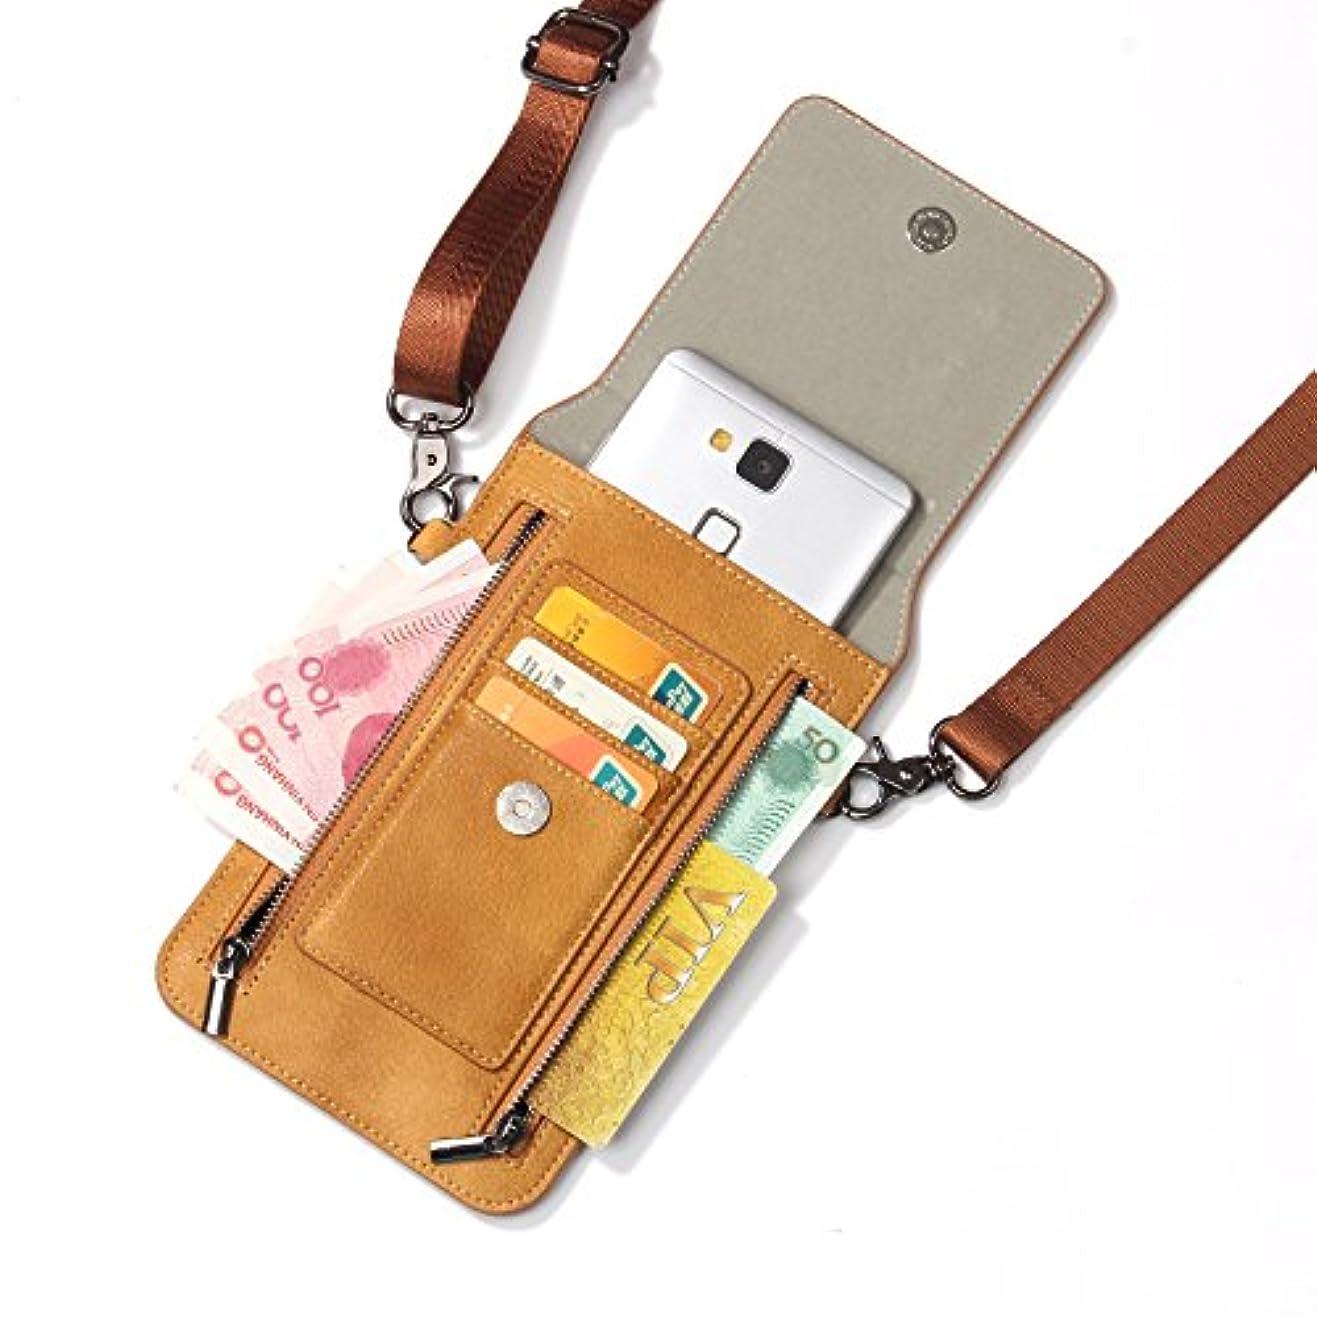 回復するコミットメントアクションiPhone XS Max ケース レザー INorton 多機能スマホポーチ 保護カバー 財布型 軽量 カード お金収納 ストラップ付き iPhone X /8/8Plus/7/7Plusなど6.5インチ汎用